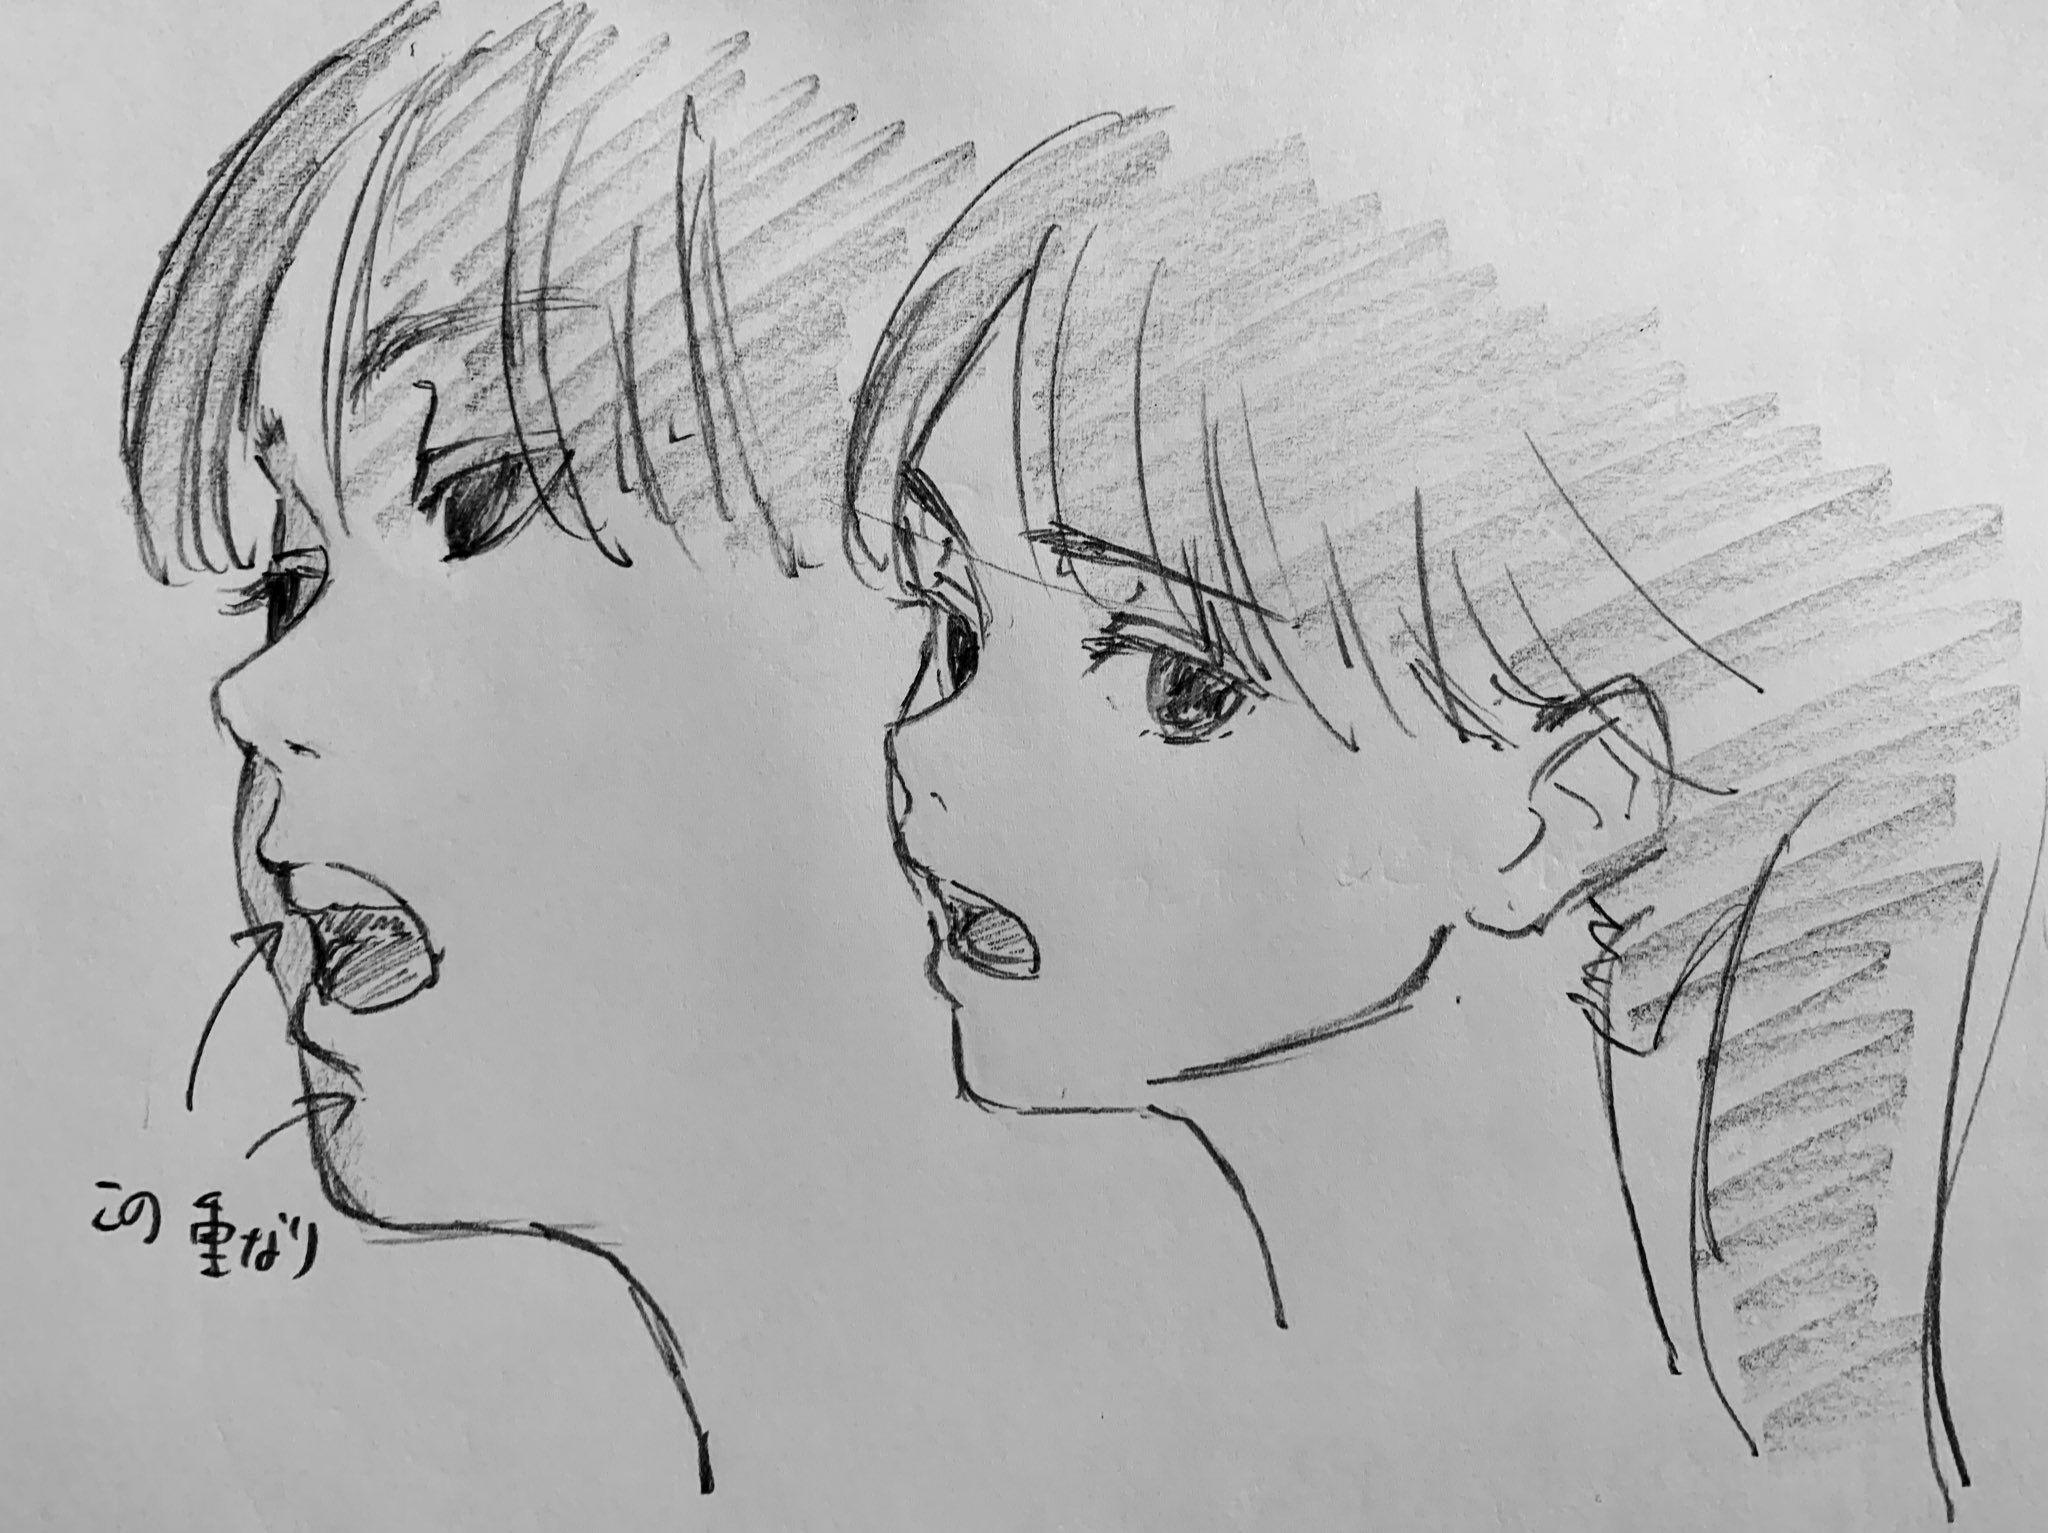 しのみやななせ On Twitter 人間の斜め顔 奥の頬と 鼻唇が重なるとこ描くの好き Drawings Art Reference Drawing Reference